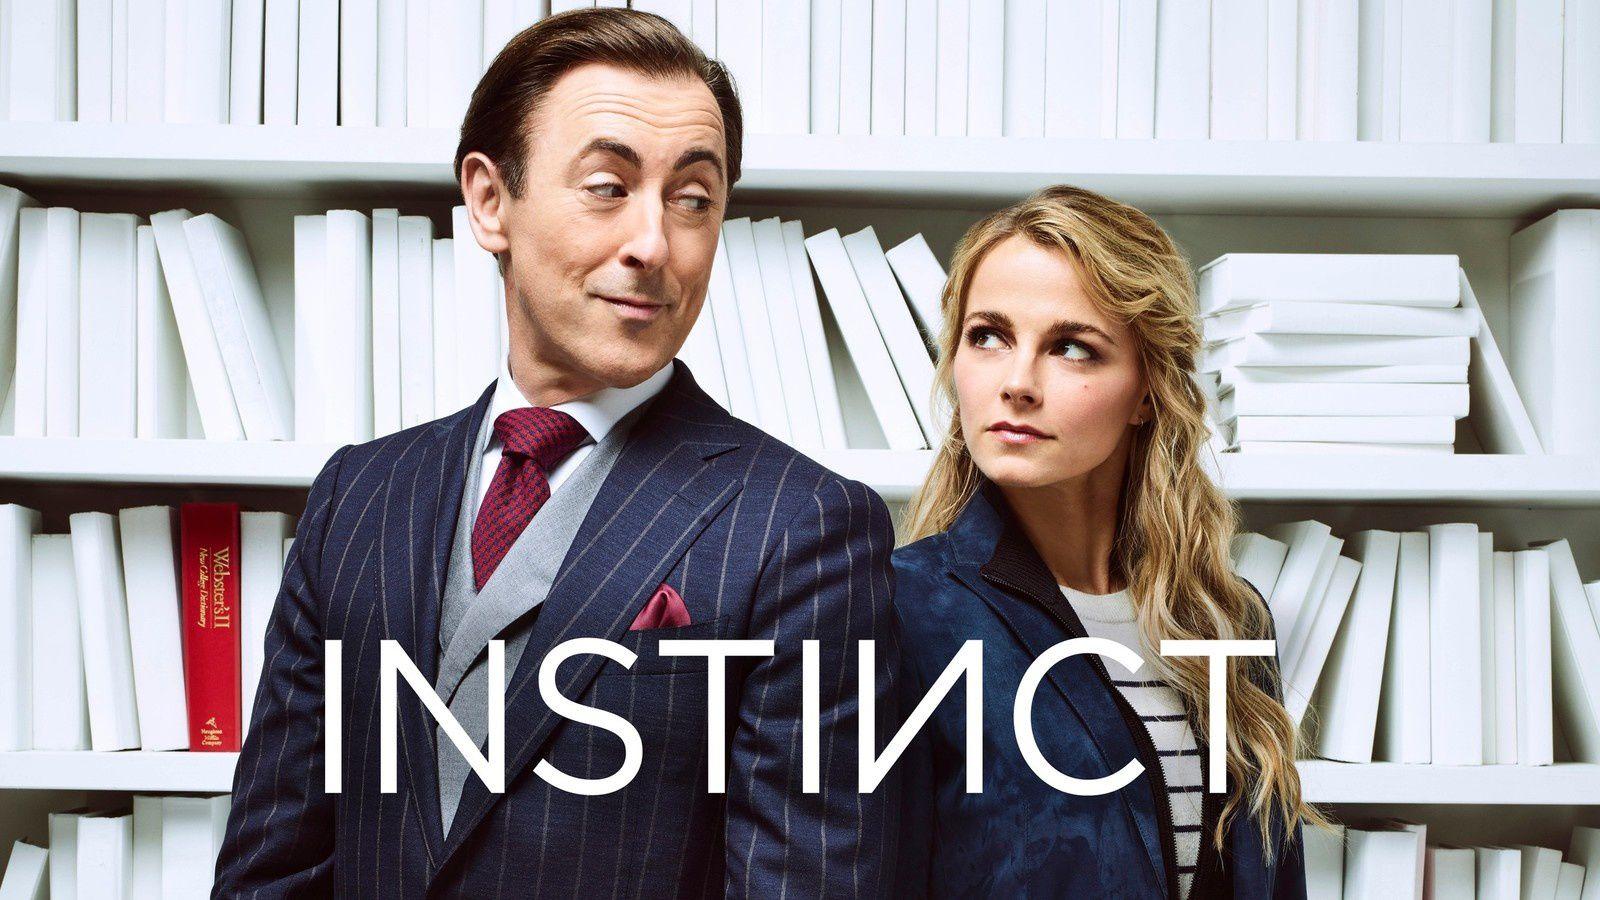 La série inédite Instinct diffusée dès ce samedi soir sur M6.